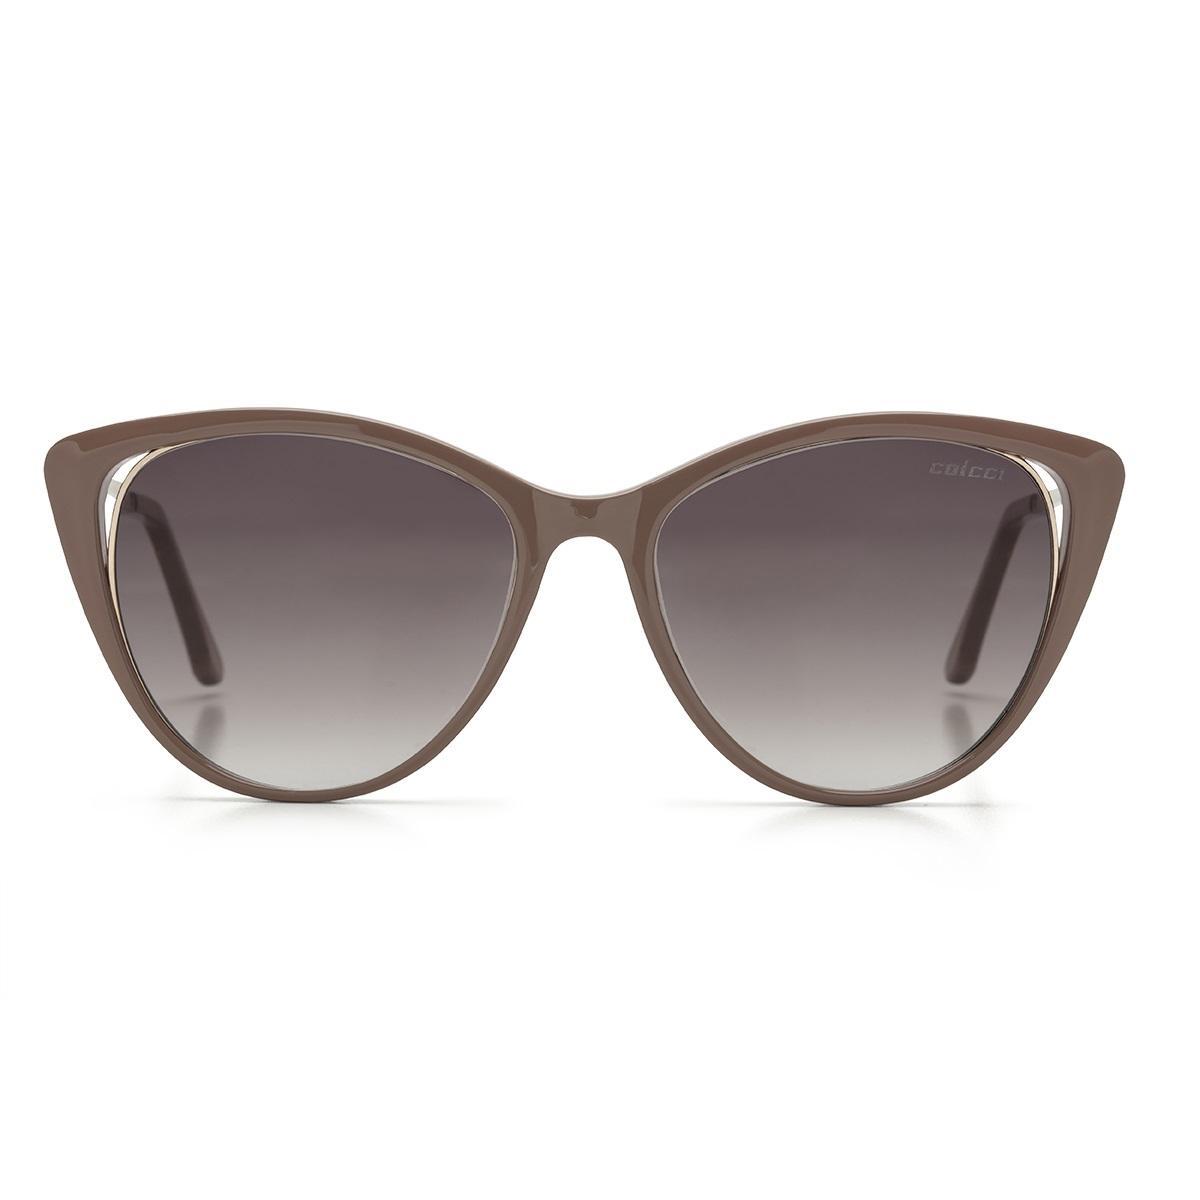 71a9ff110833c Óculos De Sol Colcci Valentina C0123 Nude Lente Marrom Degradê R  399